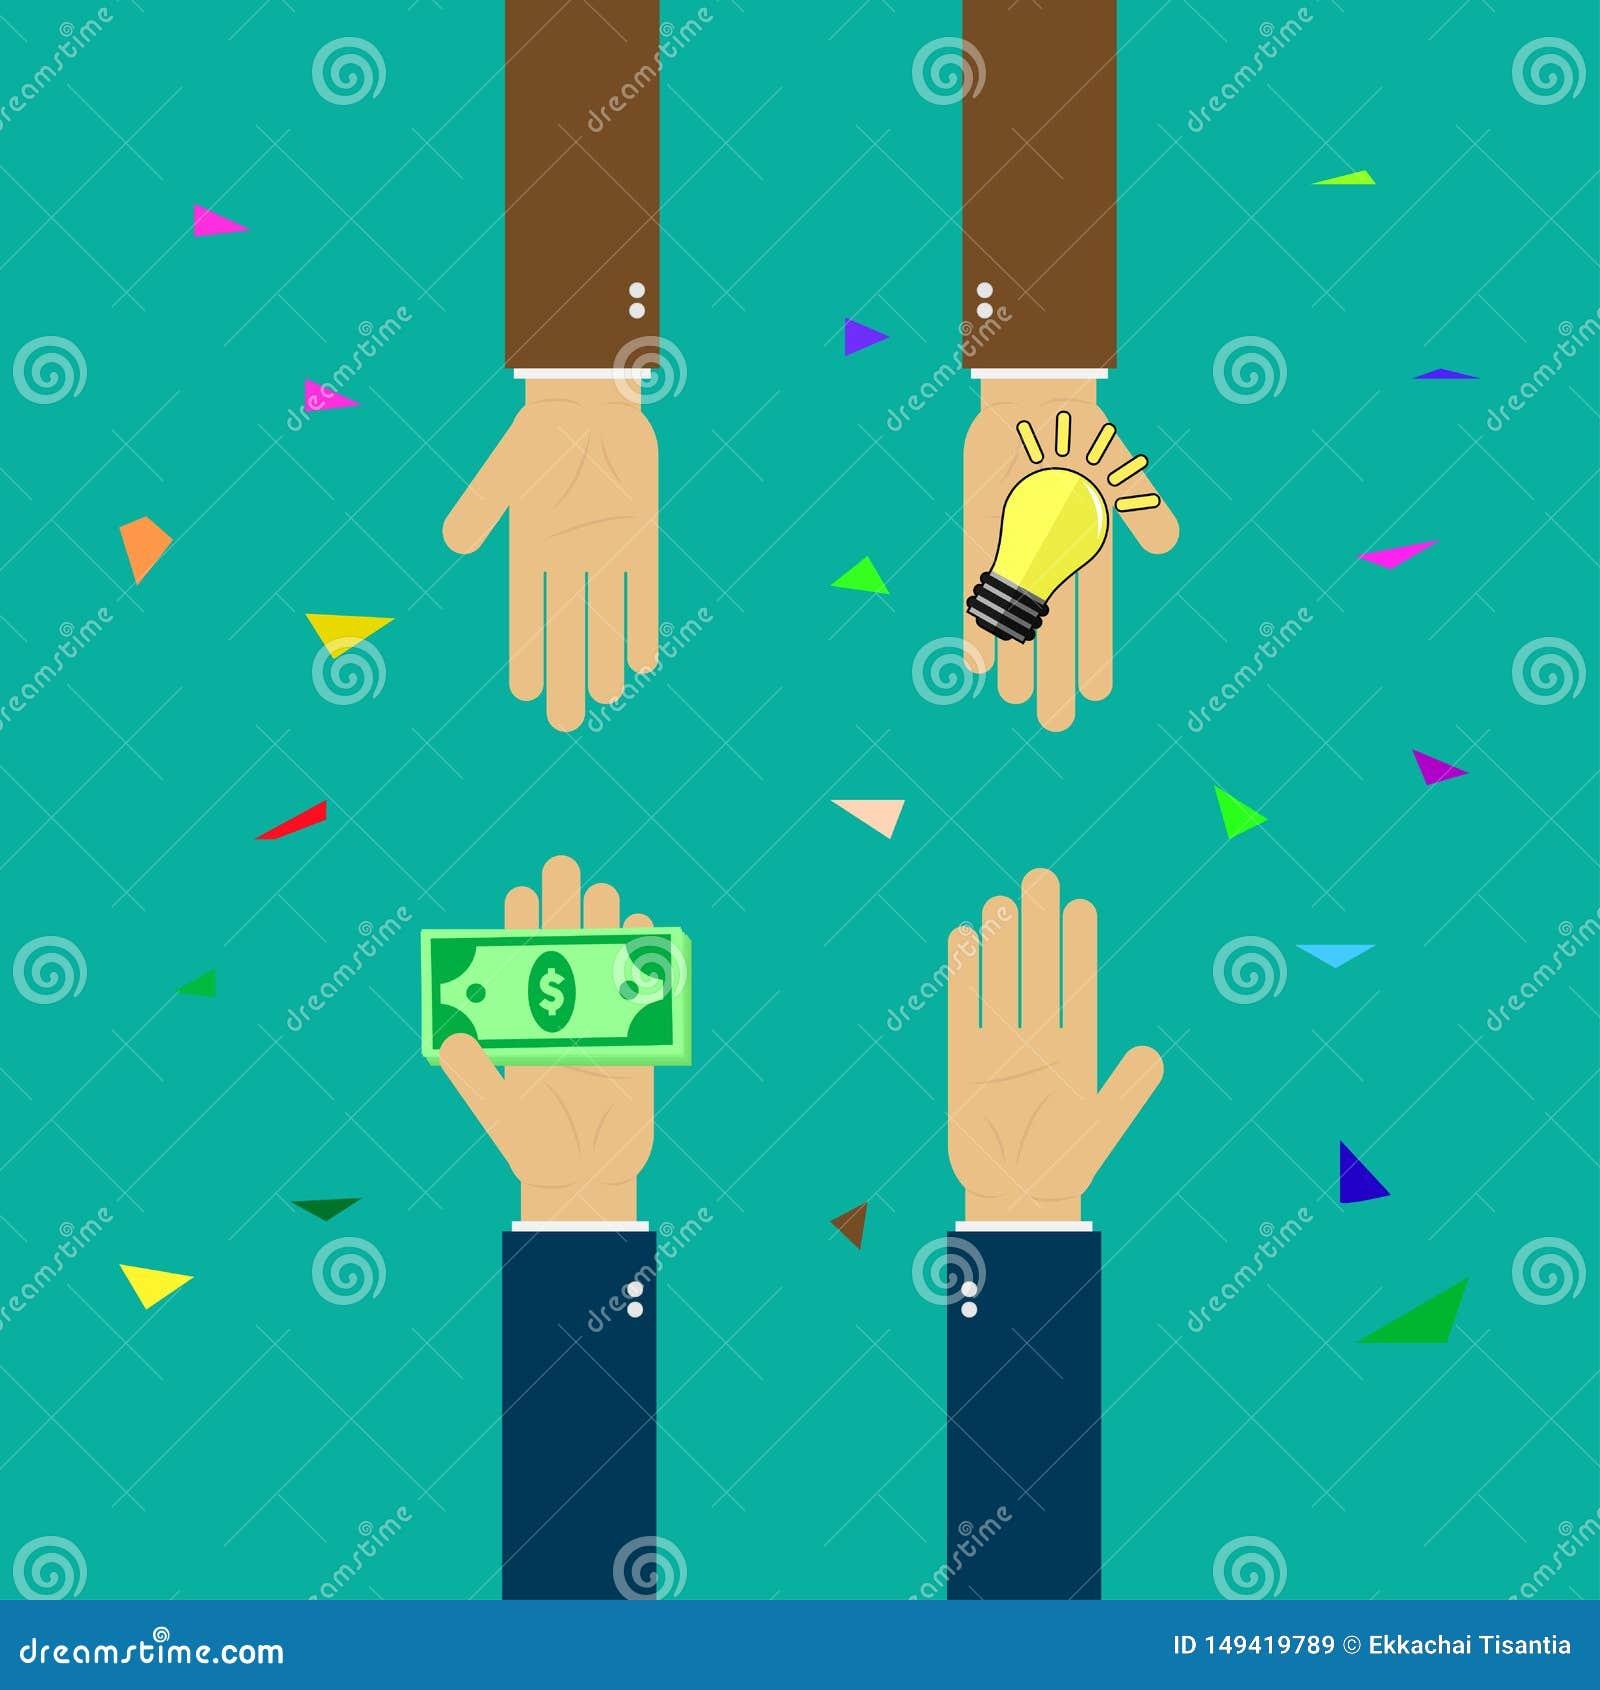 Kaufideen, die Idee, die f?r Geld handelt, folgen mit Gesch?ft, Hand h?lt Geld, Hand h?lt Gl?hlampe